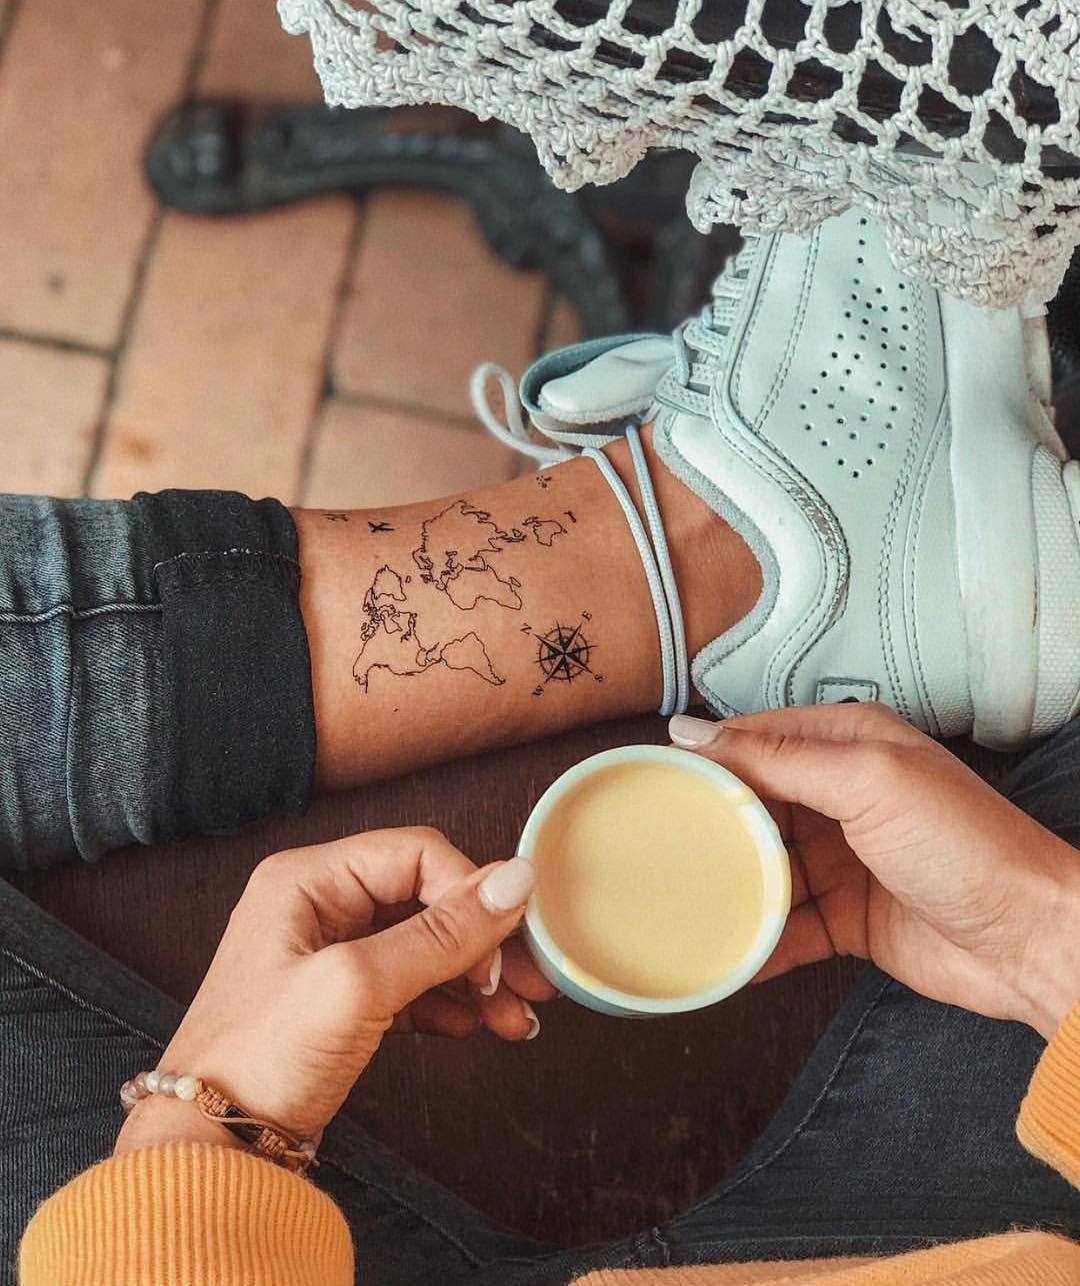 Carte du monde tatouage temporaire / avion flash tattoo / poignet tatouage pour les voyageurs / vent Compass rose / Wanderlust Couple tatouage Set